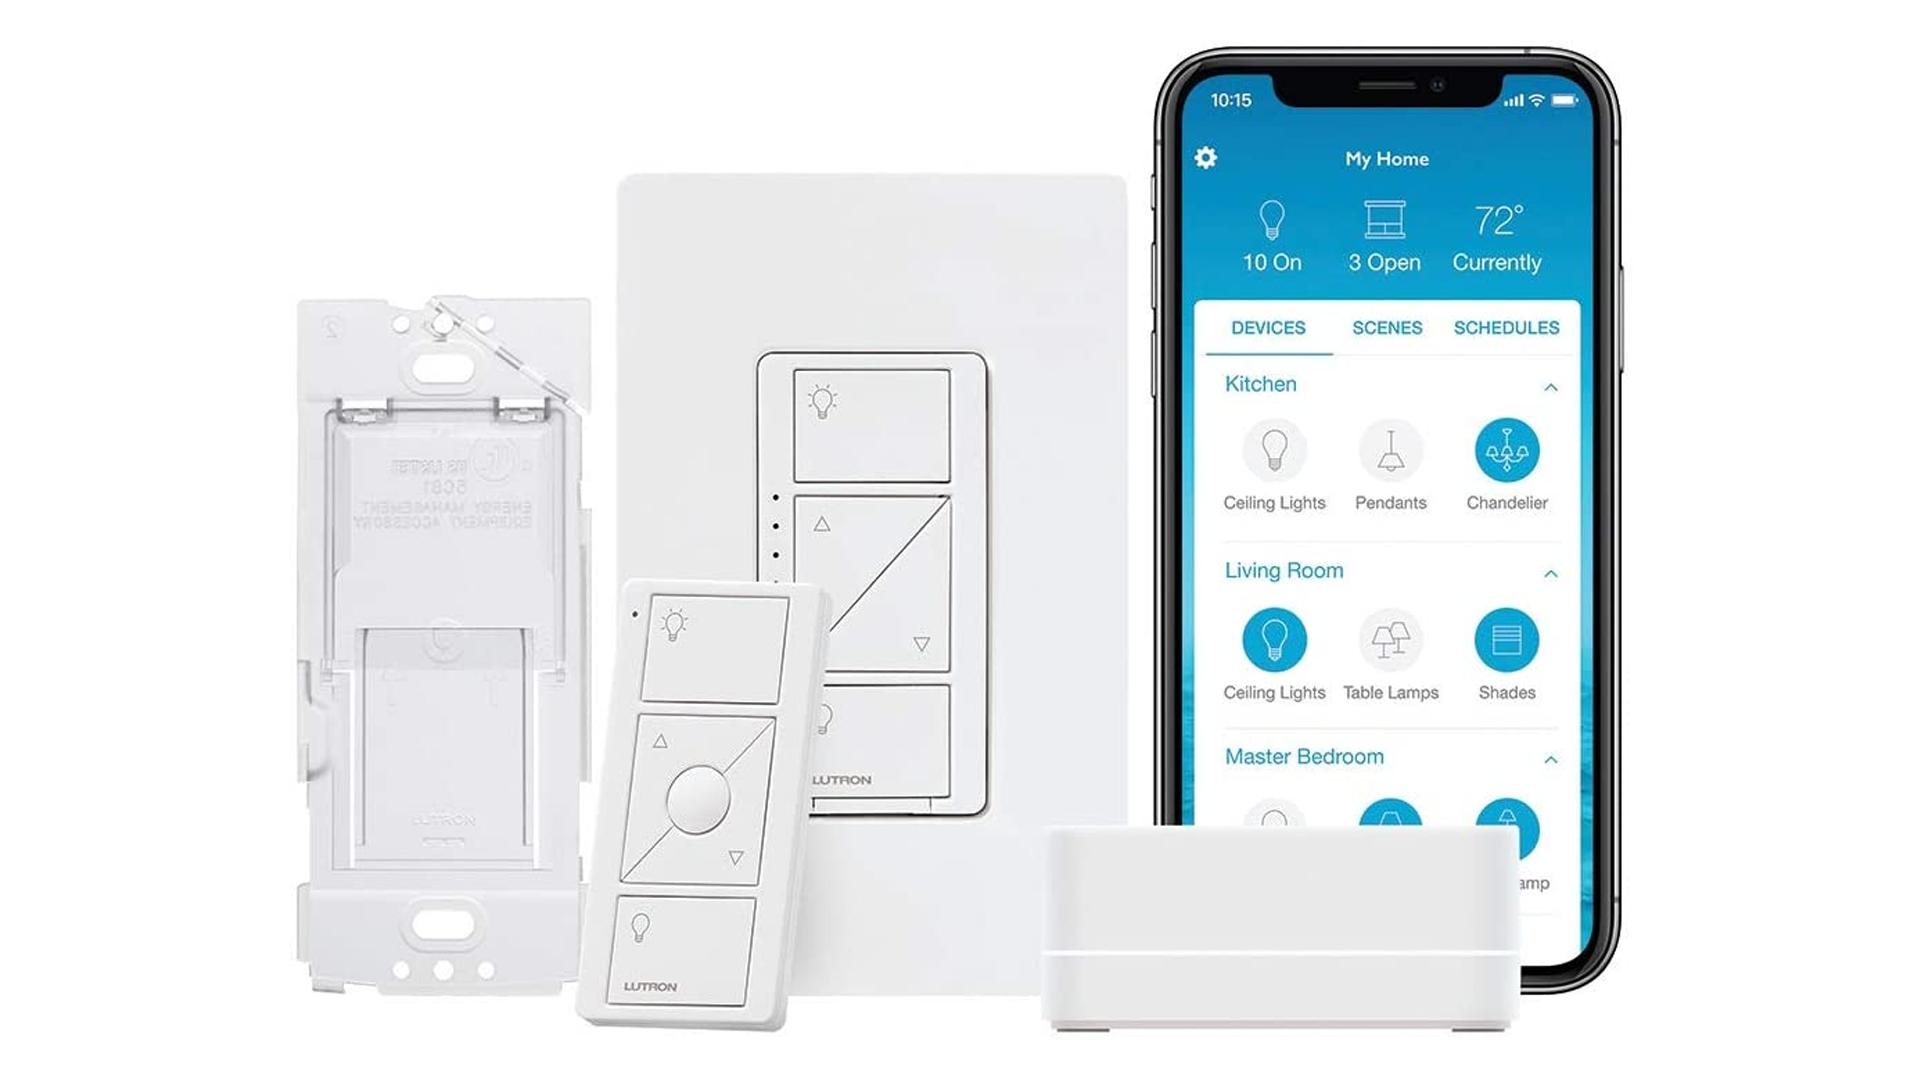 The Luton Caseta smart switch Kit